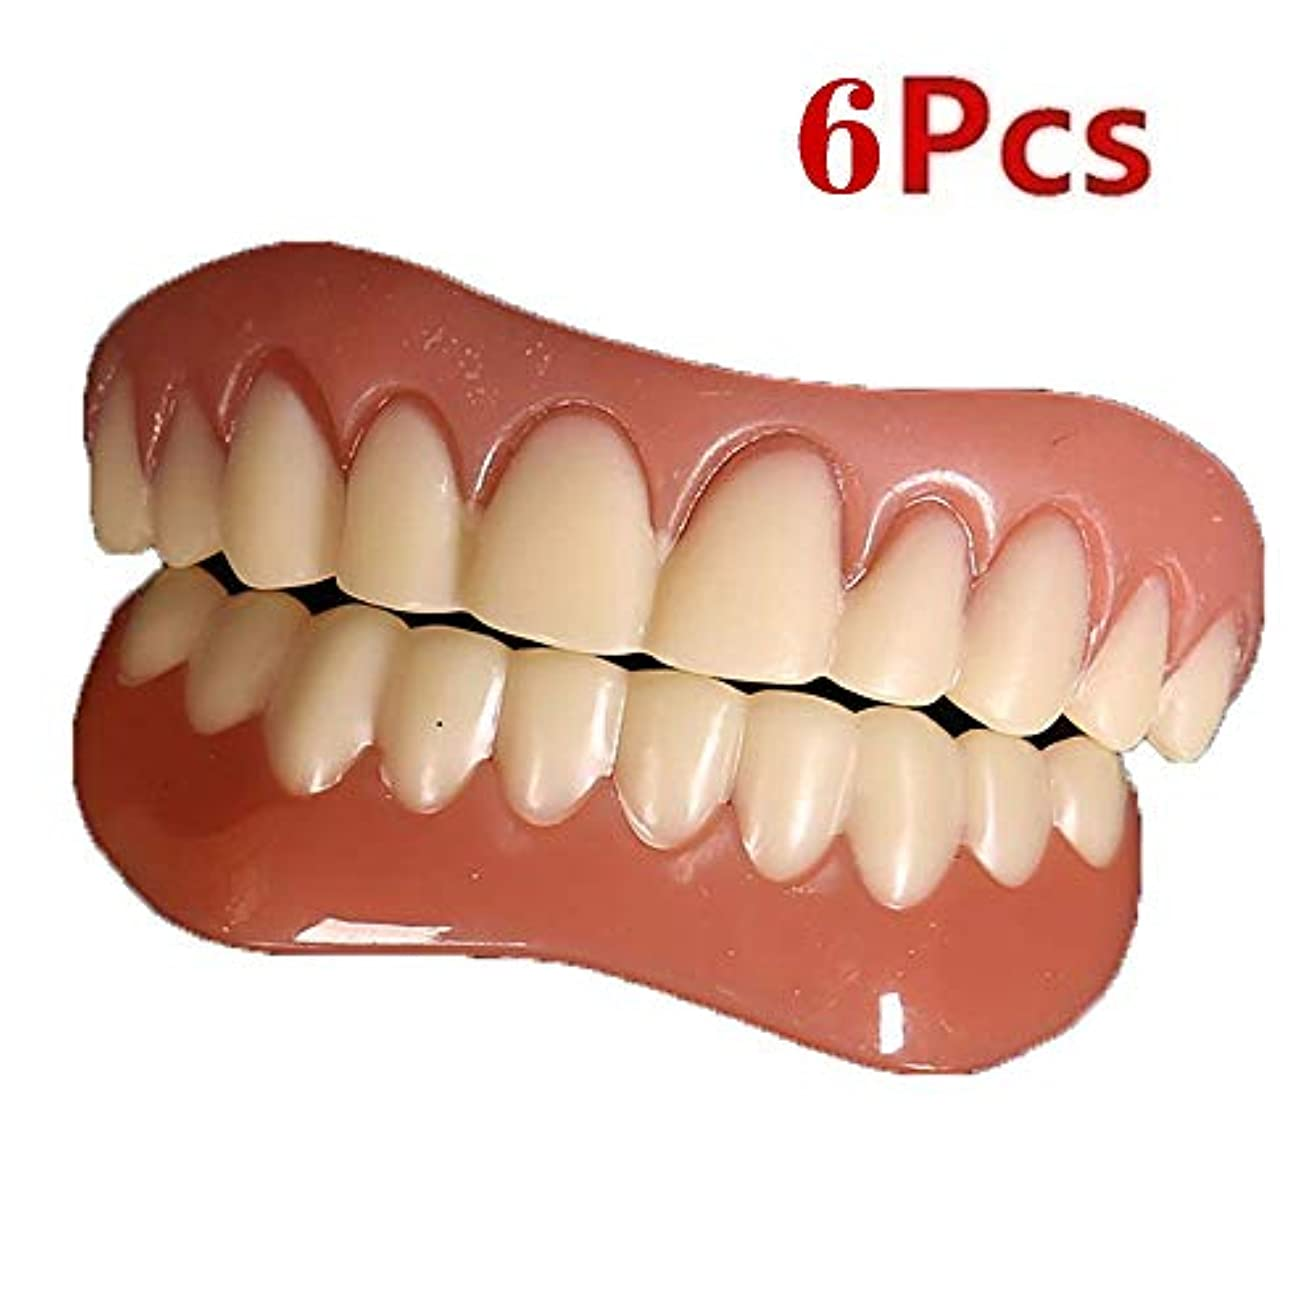 ごちそう大理石ペネロペ6個のインスタントスマイルの歯アッパーロアーベニアの快適さフィットの歯のベニヤ、ワンサイズは数分以内に自宅であなたの笑顔を直す